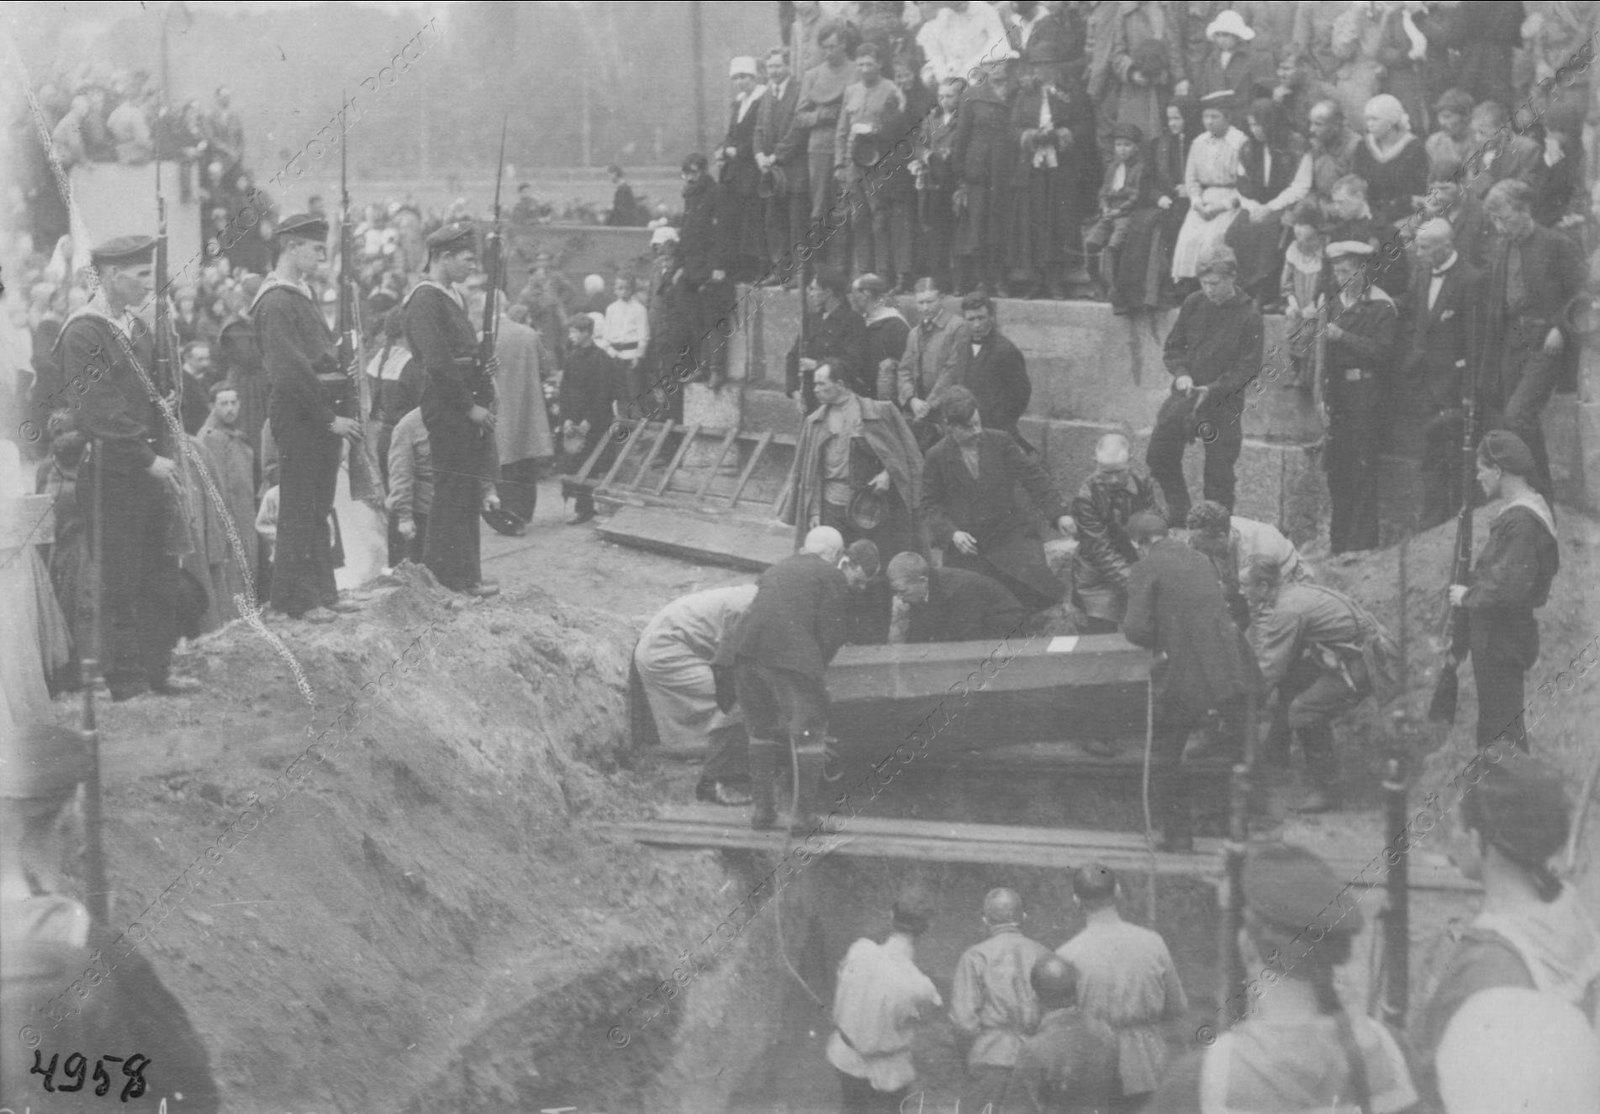 1919. Похороны красноармейцев и моряков, погибших в боях с бандами Юденича на подступах и Петрограду1